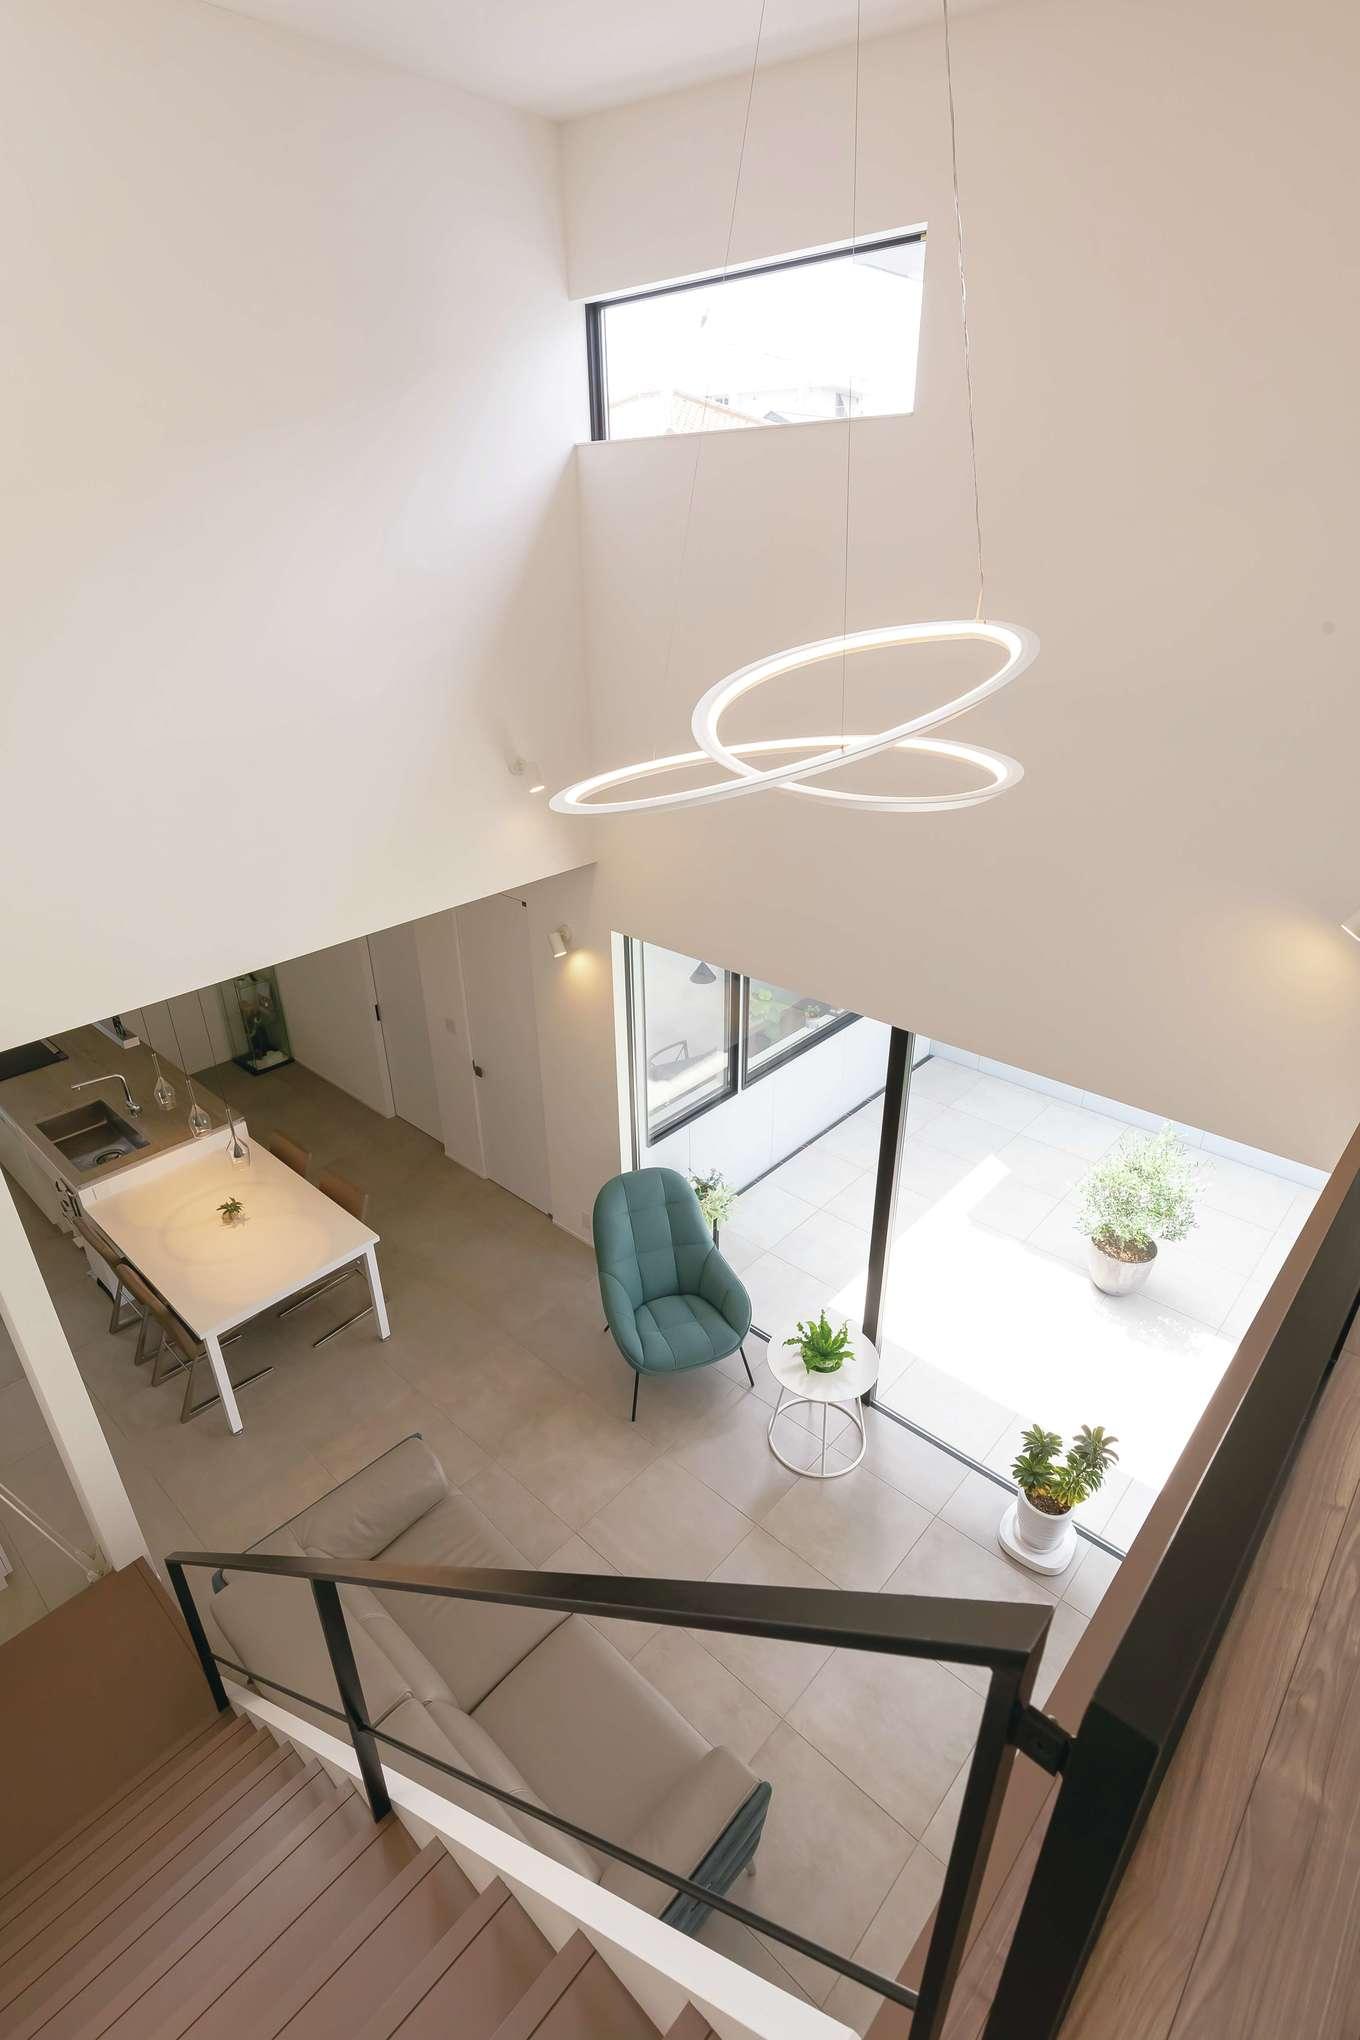 MABUCHI【デザイン住宅、省エネ、建築家】吹抜けに浮かぶ照明は、ご主人がこだわり抜いて選んだもの